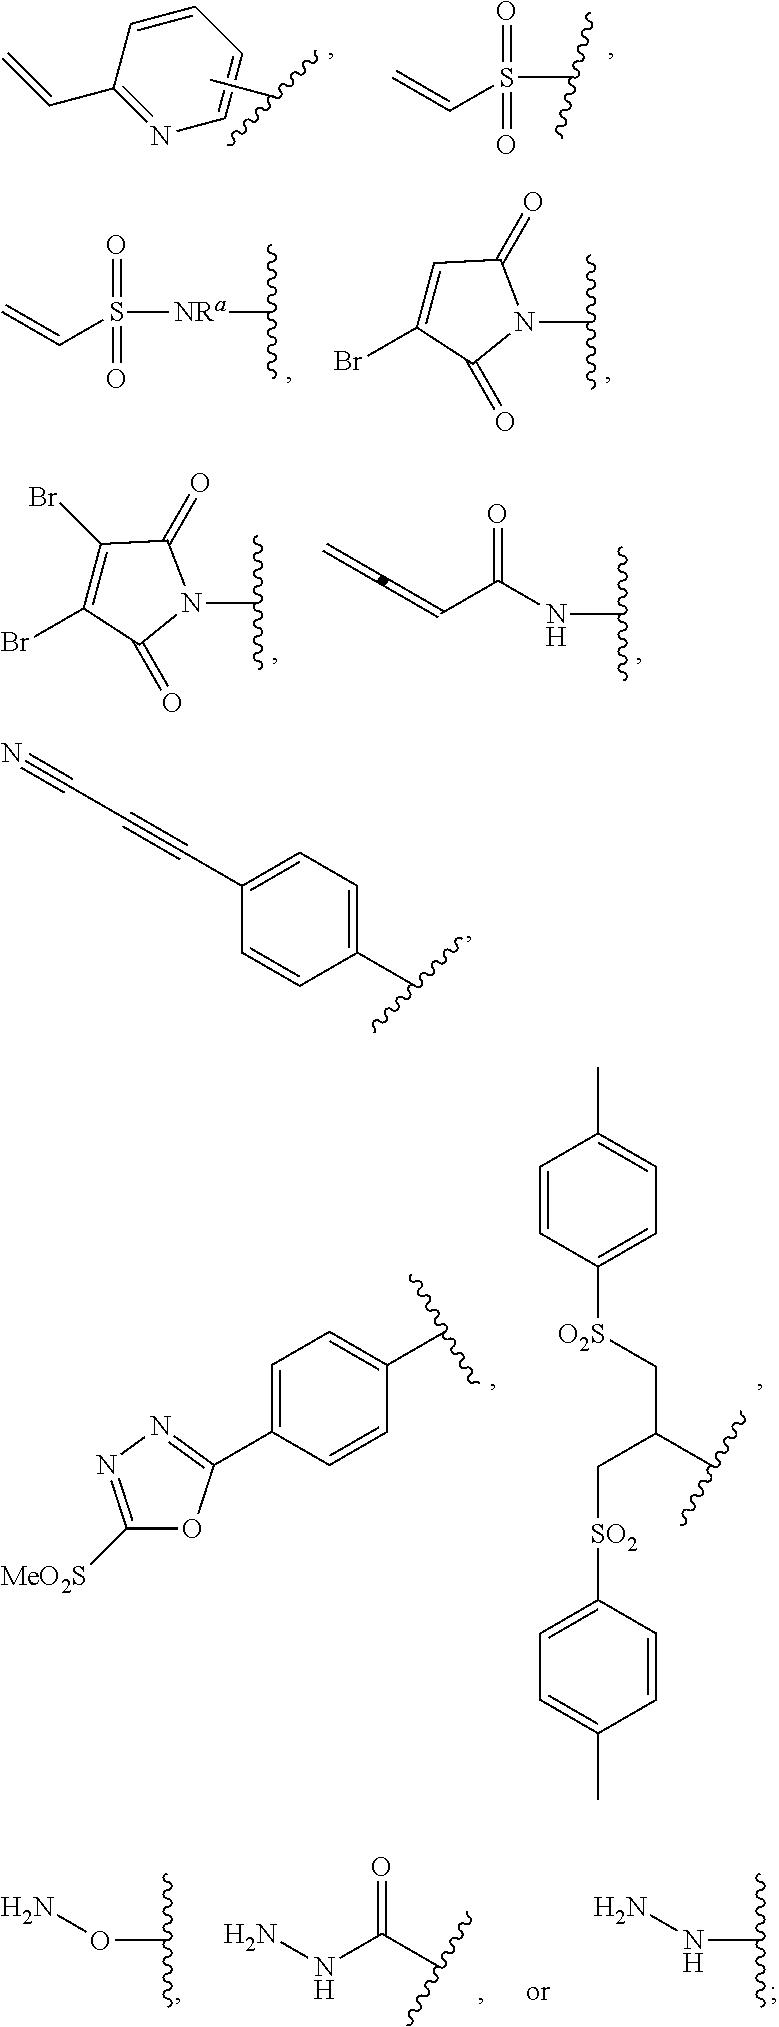 Figure US20180296694A1-20181018-C00041